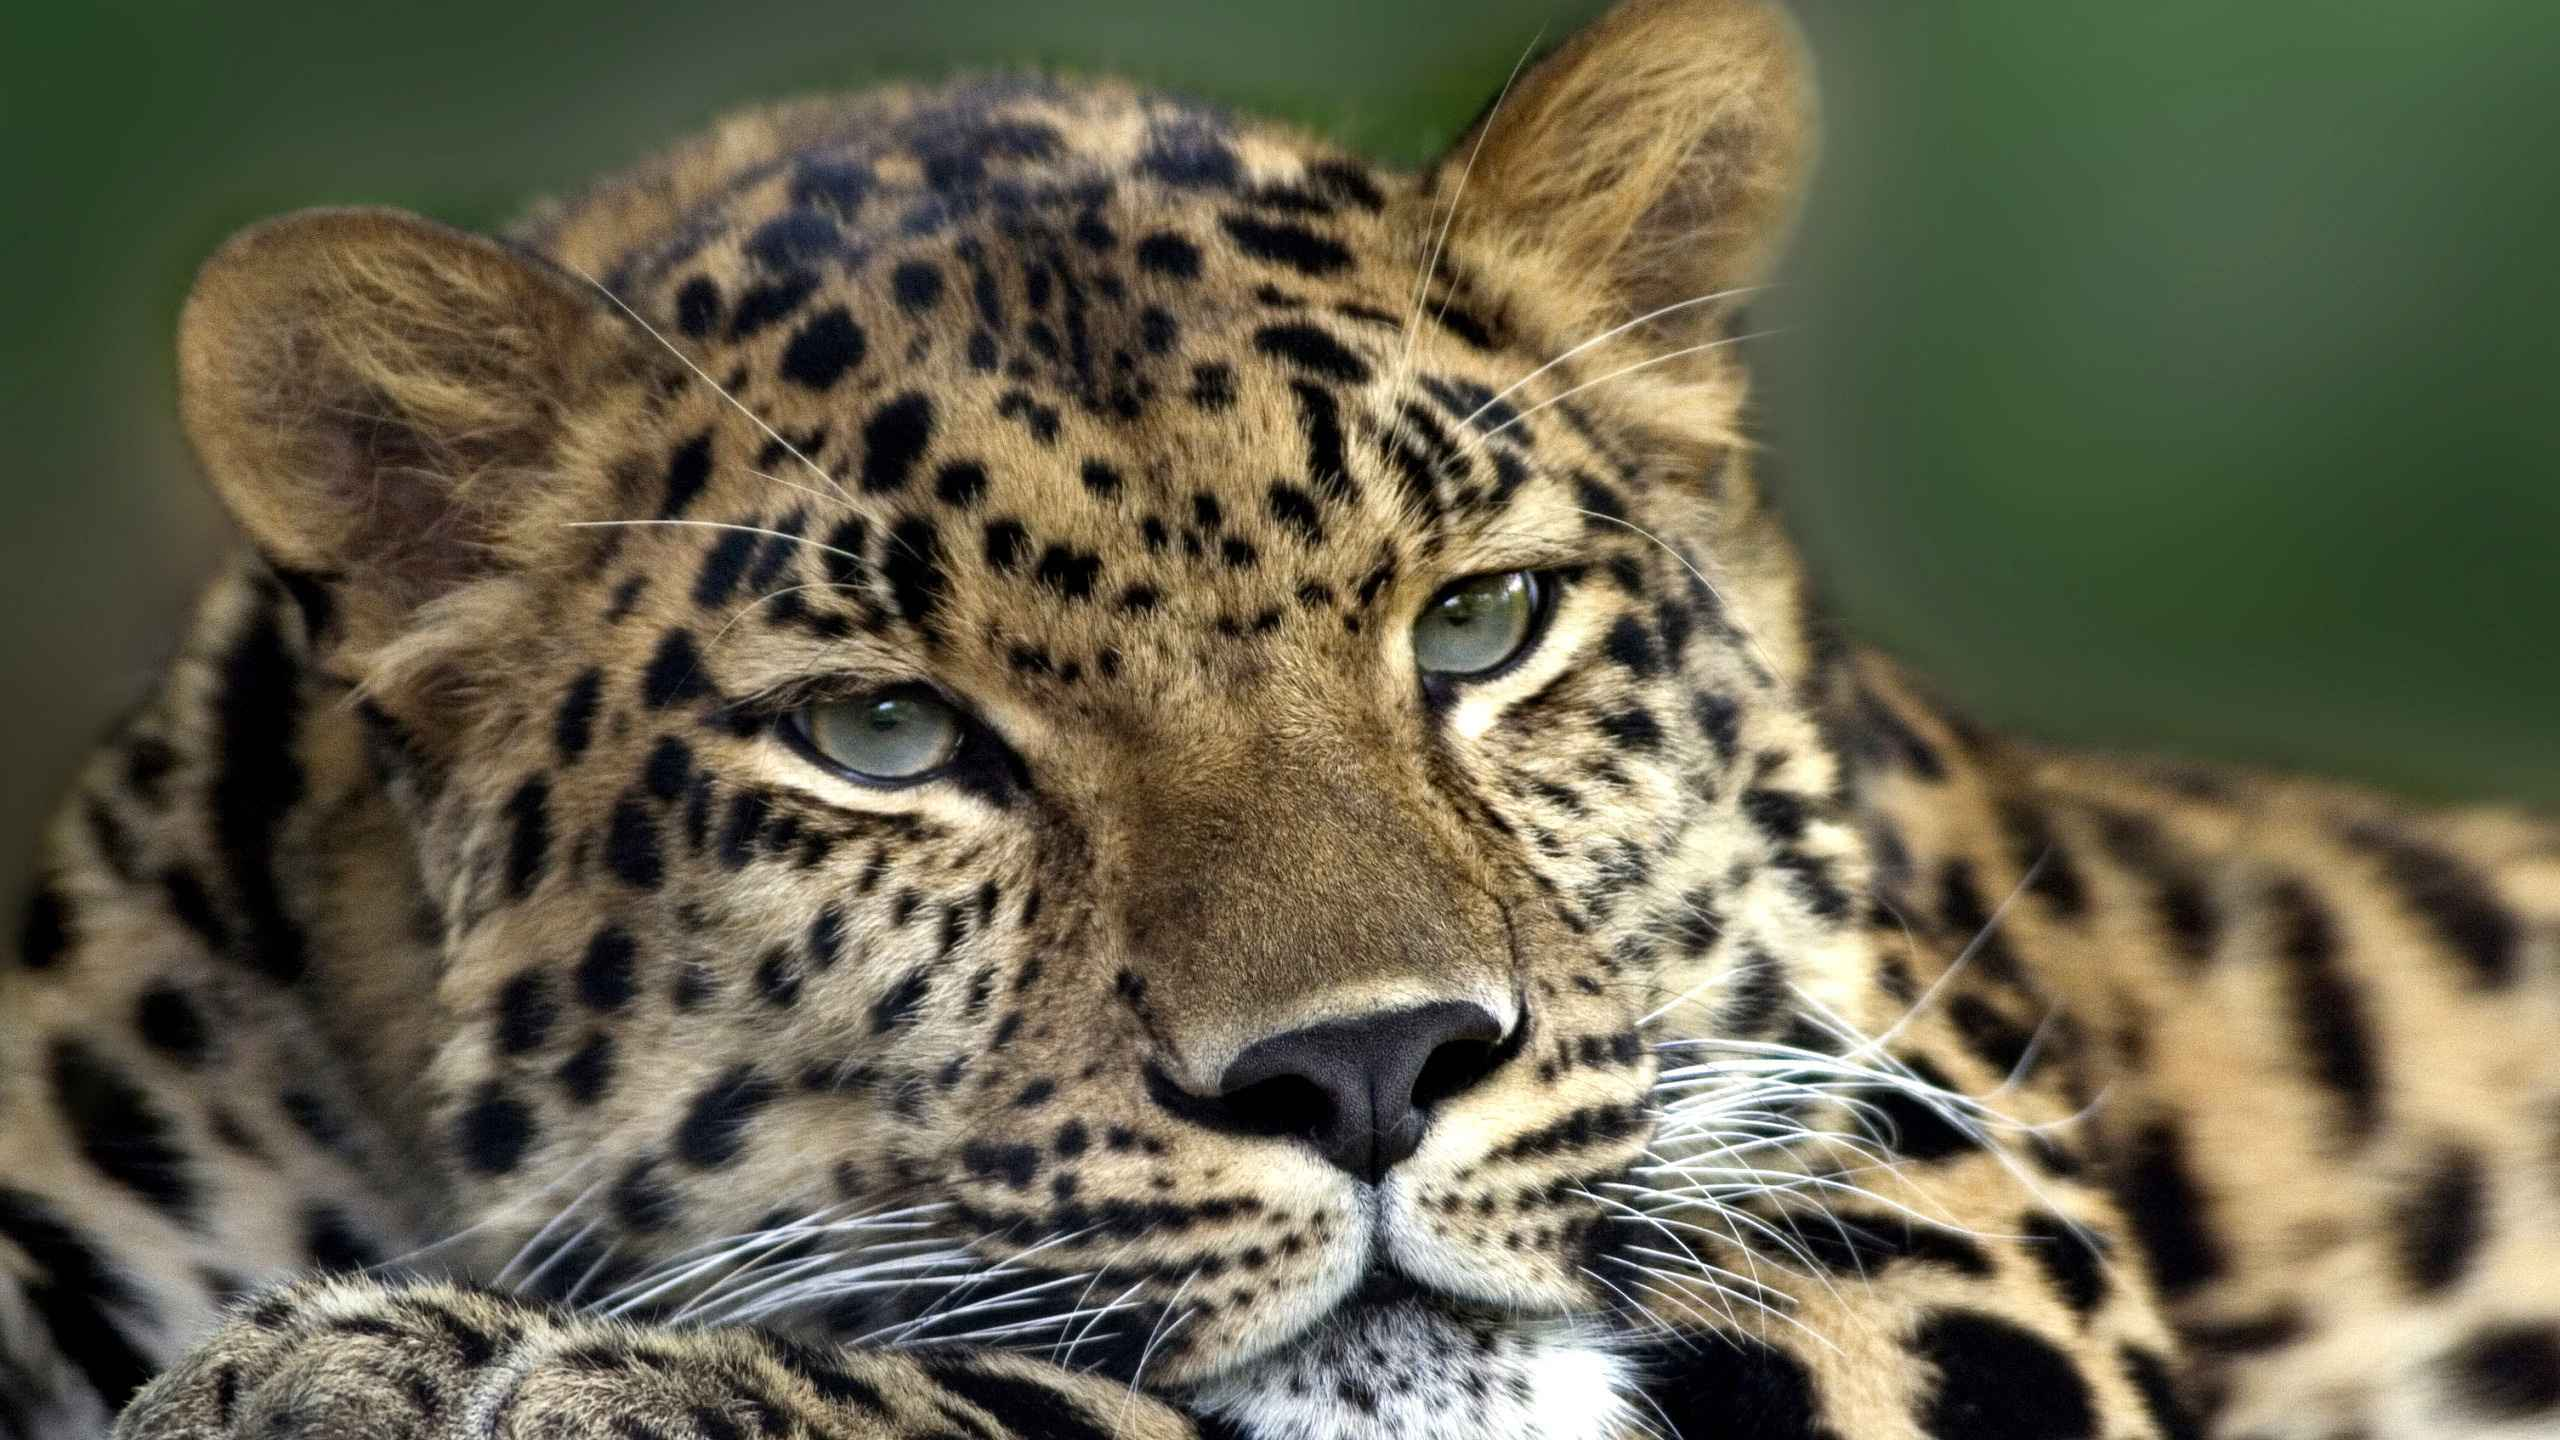 017 леопард голова 02.jpg